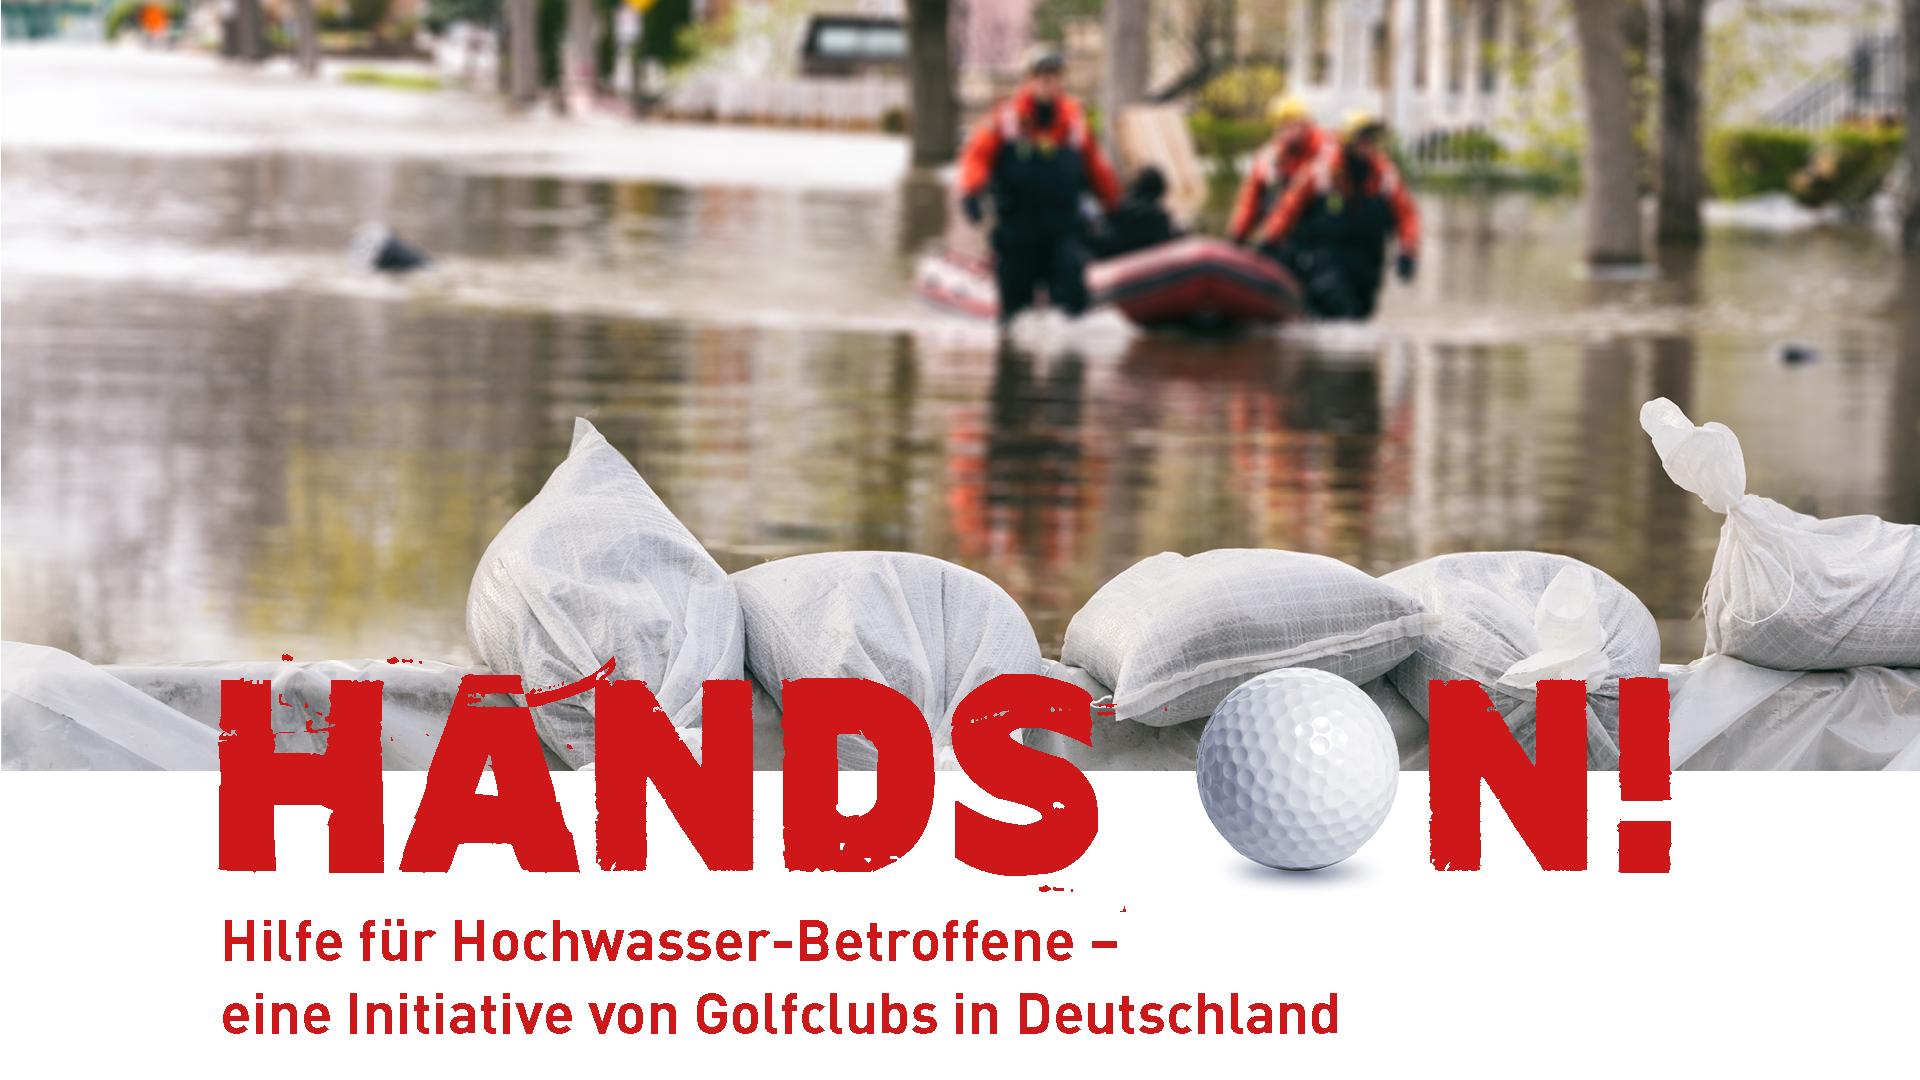 Hilfe für Hochwasserbetroffene - Social-Media 16:9